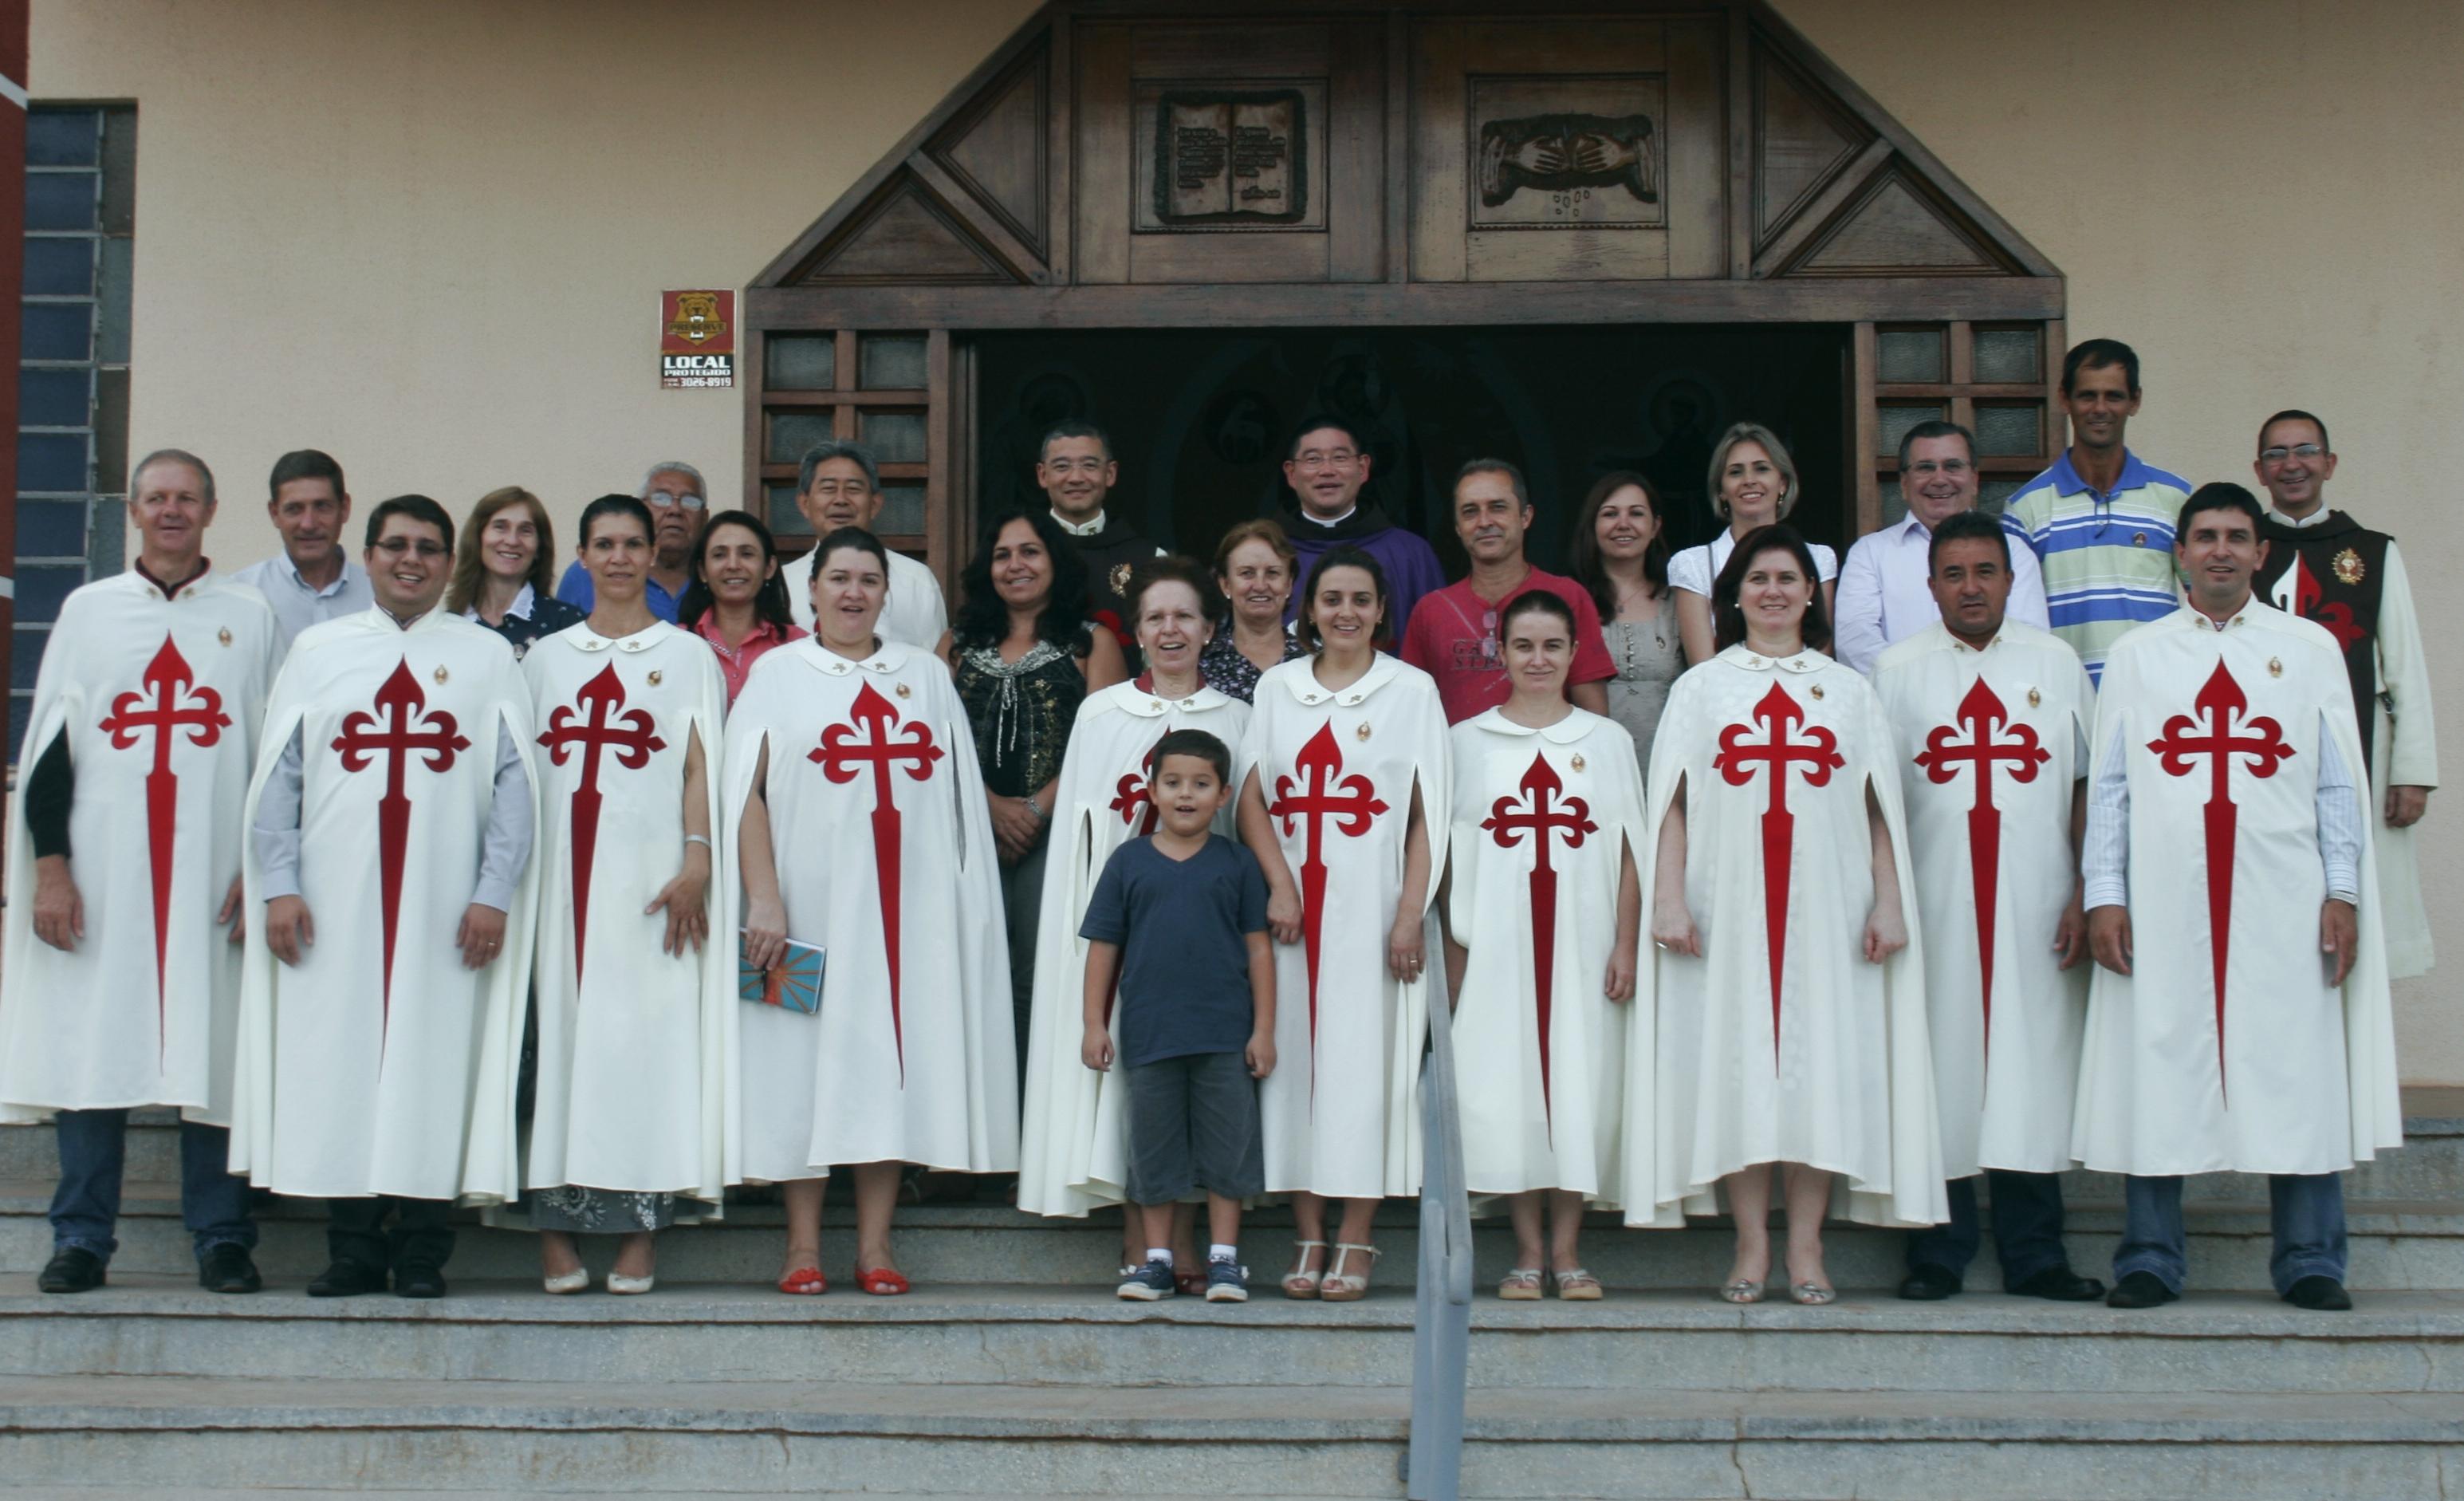 Encerramento do simpósio, na Capela São Francisco de Assis da Paróquia Nossa Senhora de Guadalupe